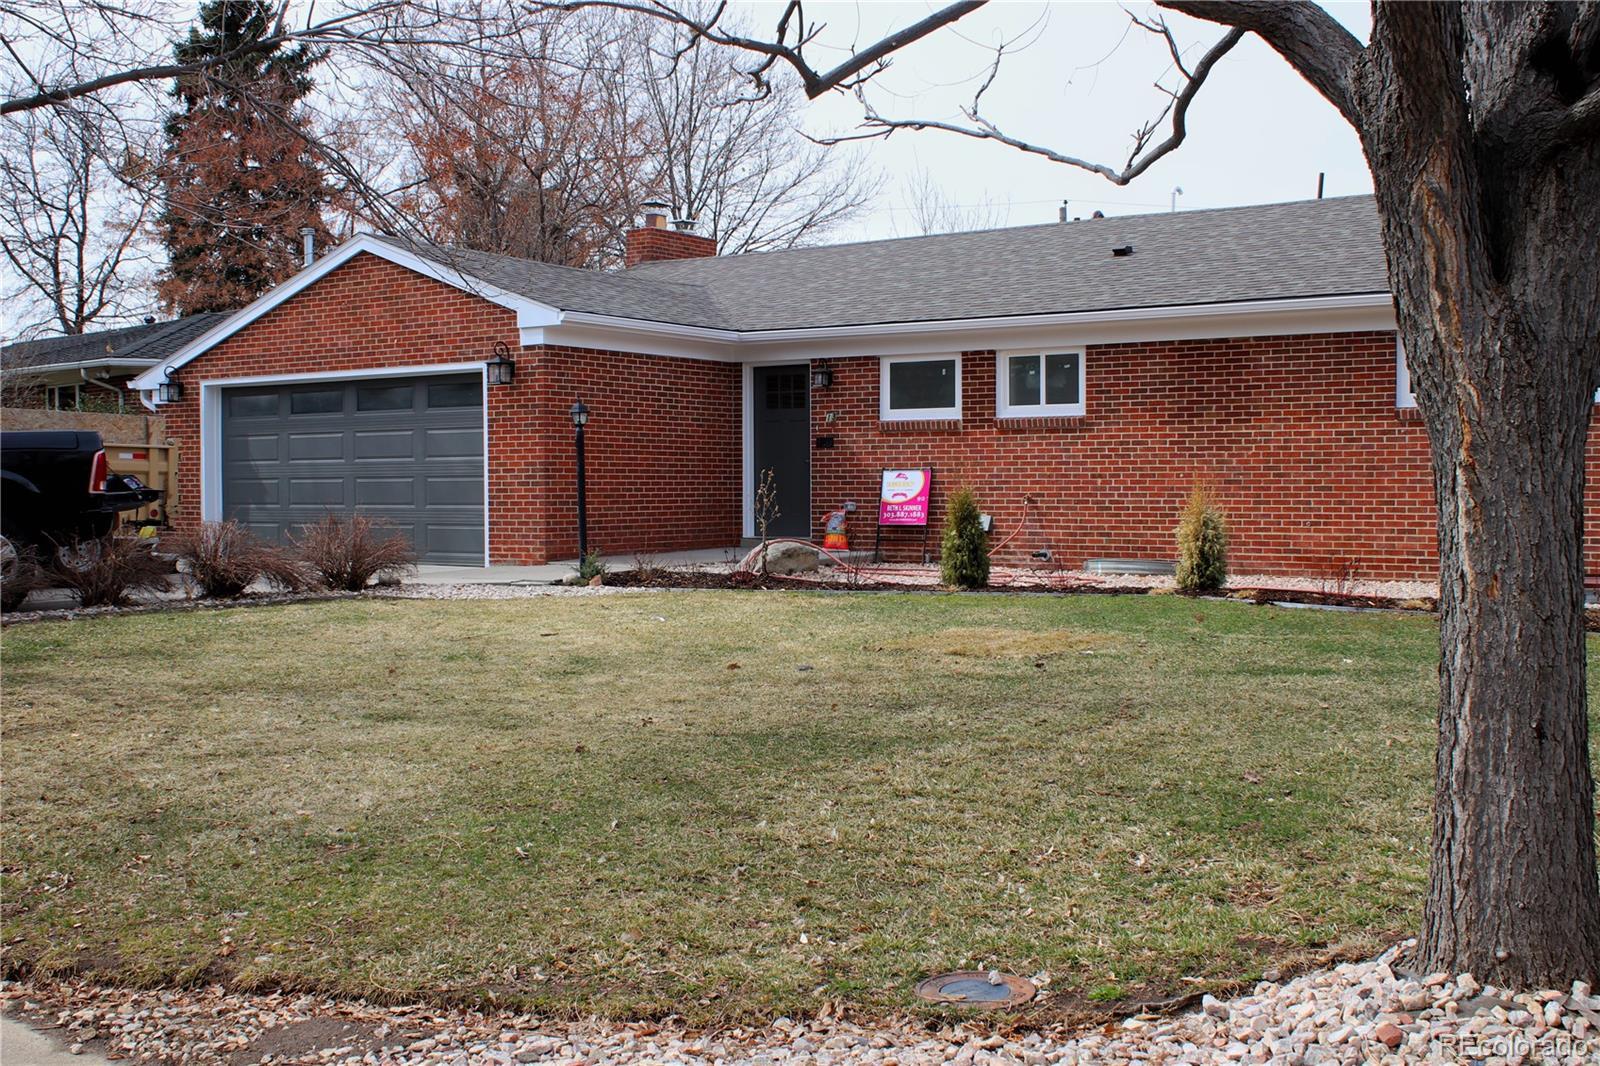 2313 S Forest Drive, Denver, CO 80222 - Denver, CO real estate listing